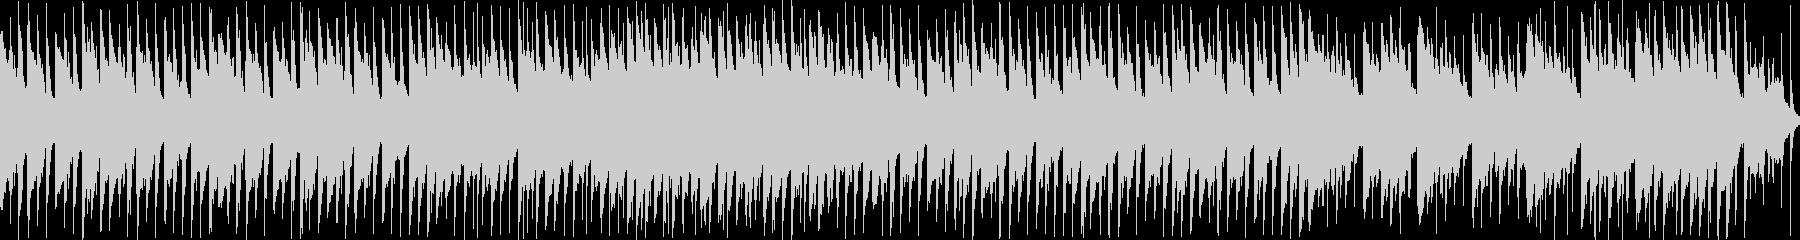 【ループ】様々な楽器が奏でる可愛いワルツの未再生の波形